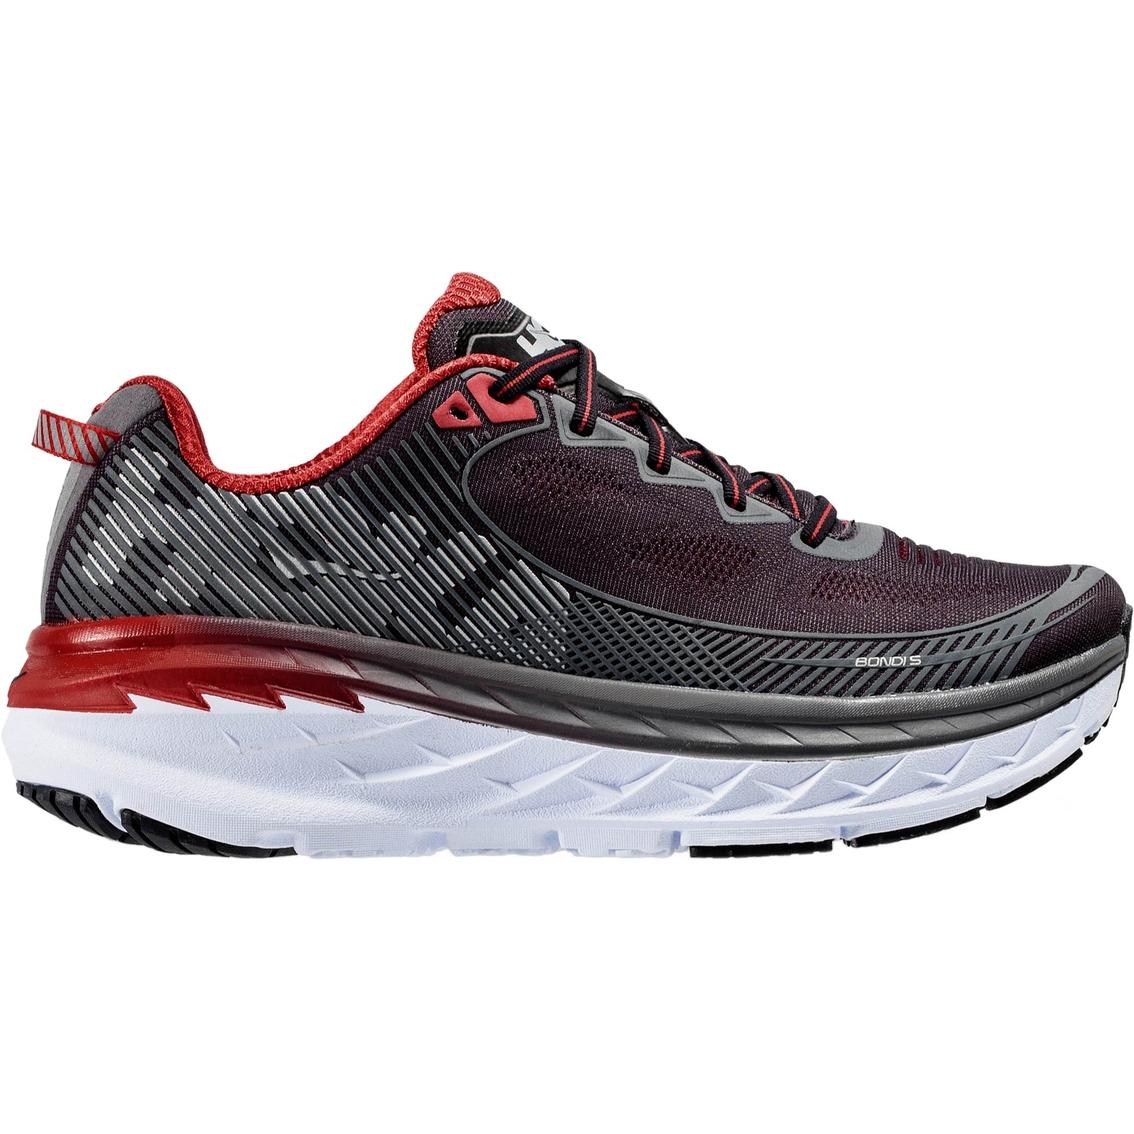 HOKA ONE ONE Men/'s Bondi 5 Running Shoe